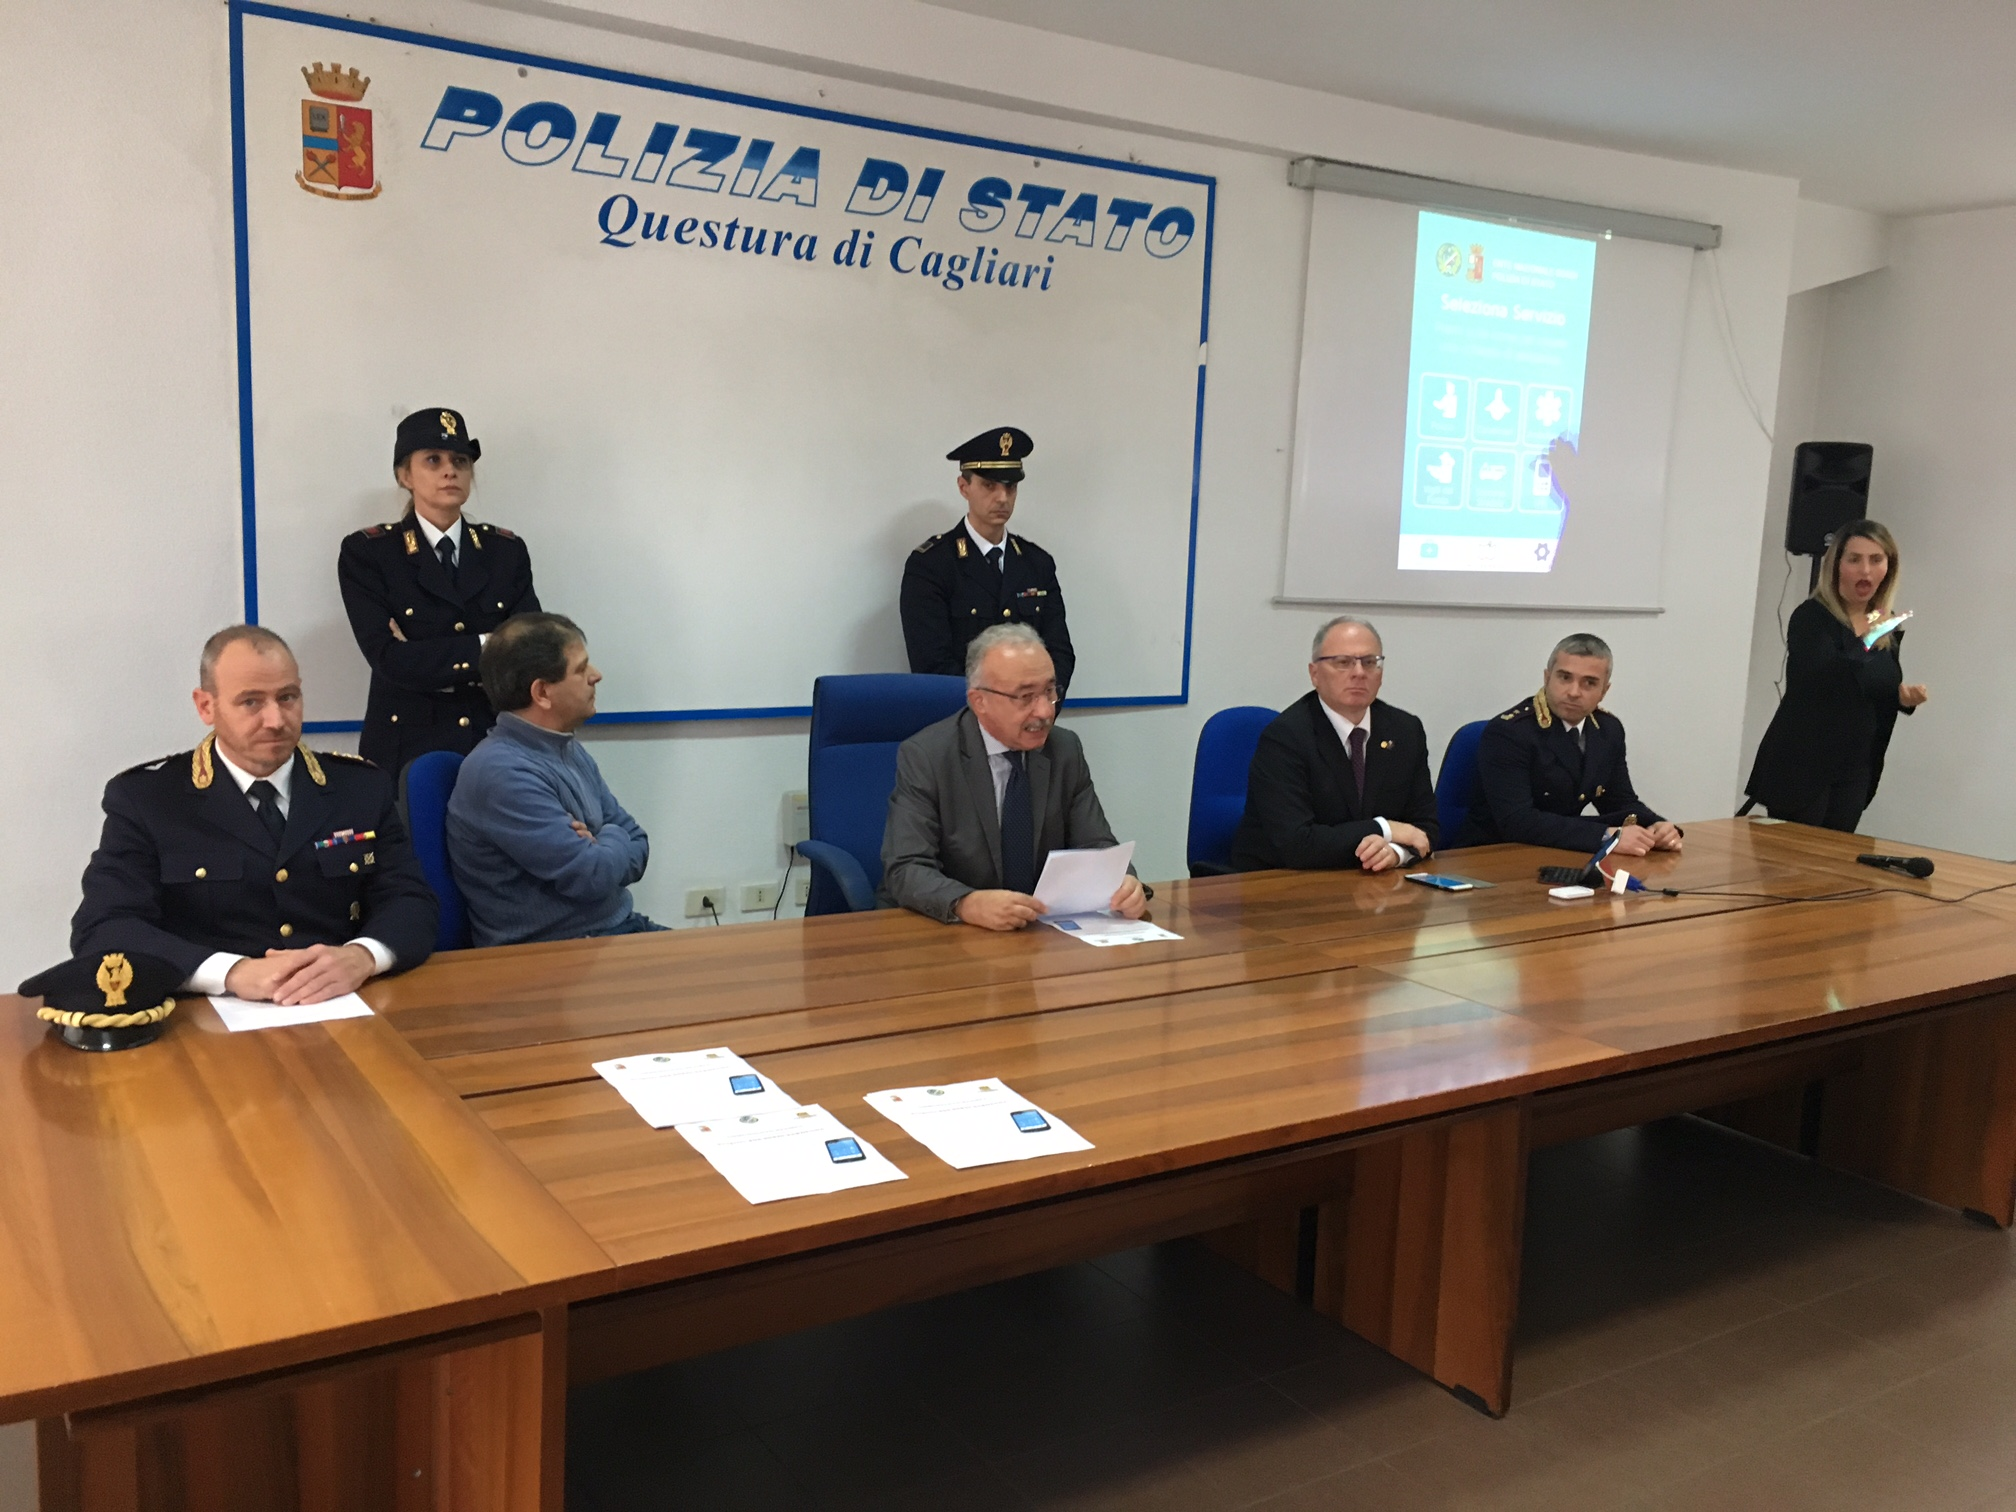 Ufficio Passaporti Questura Di Cagliari : Presentato a cagliari